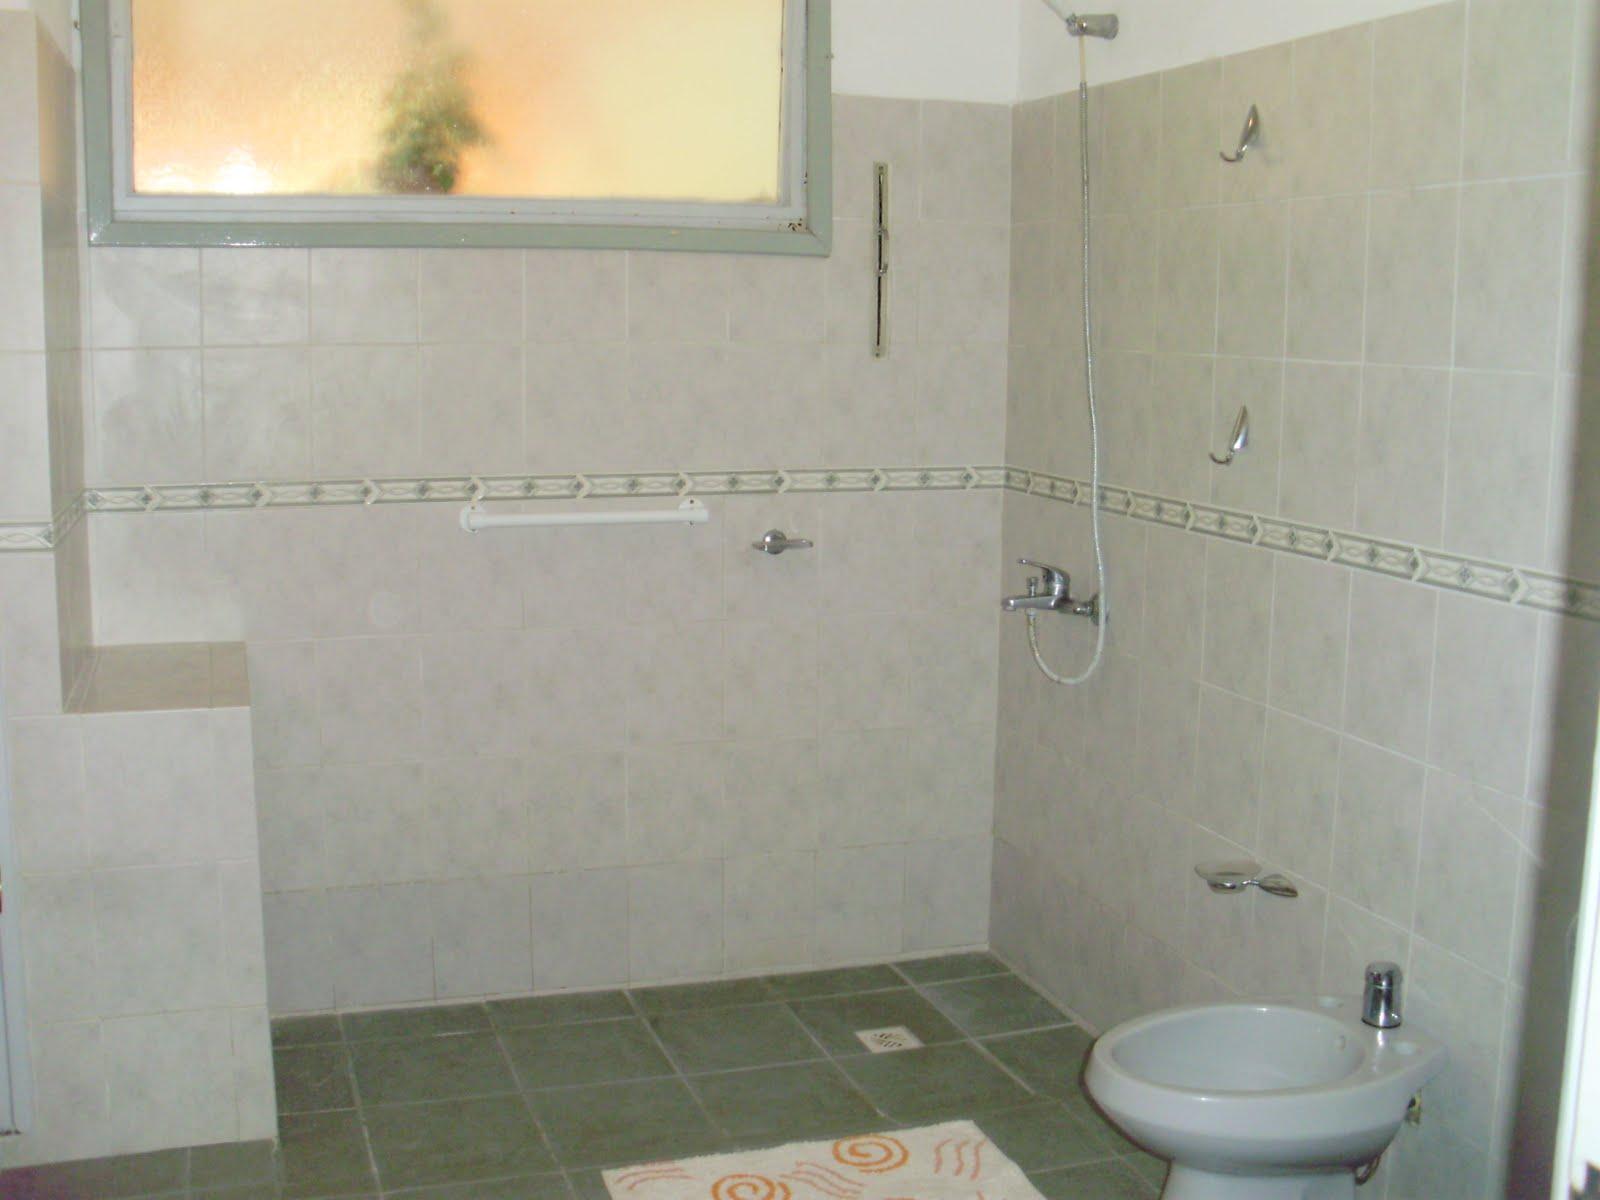 Baño Ducha Enfermeria:Baños prolijos con agarraderas en las duchas